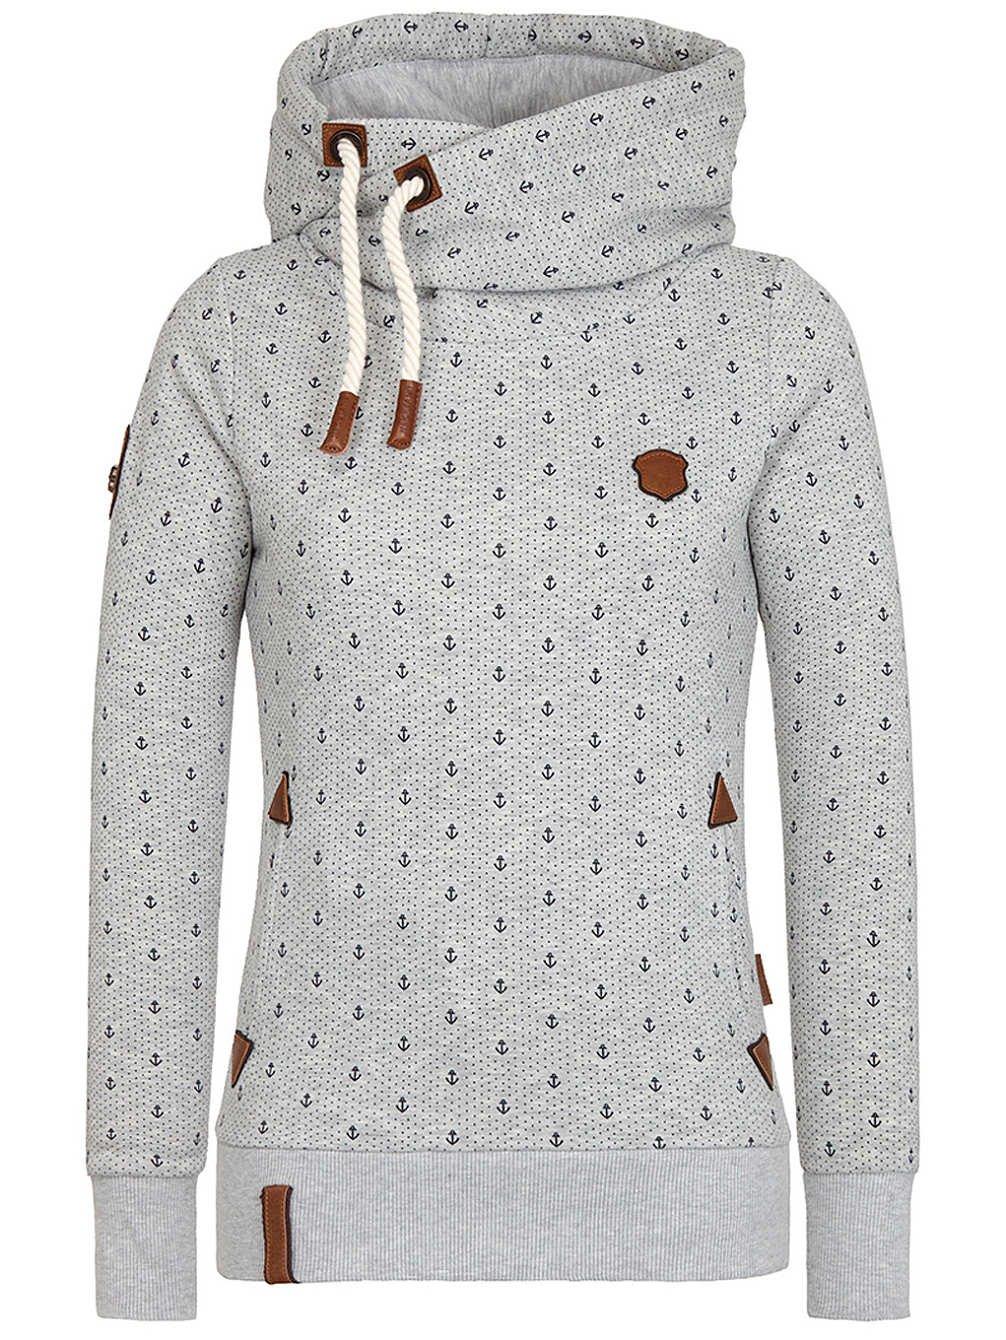 Pivaconis Mens Full-Zip Knitted Casual Long Sleeve Plain Hoodie Sweatshirt Coat